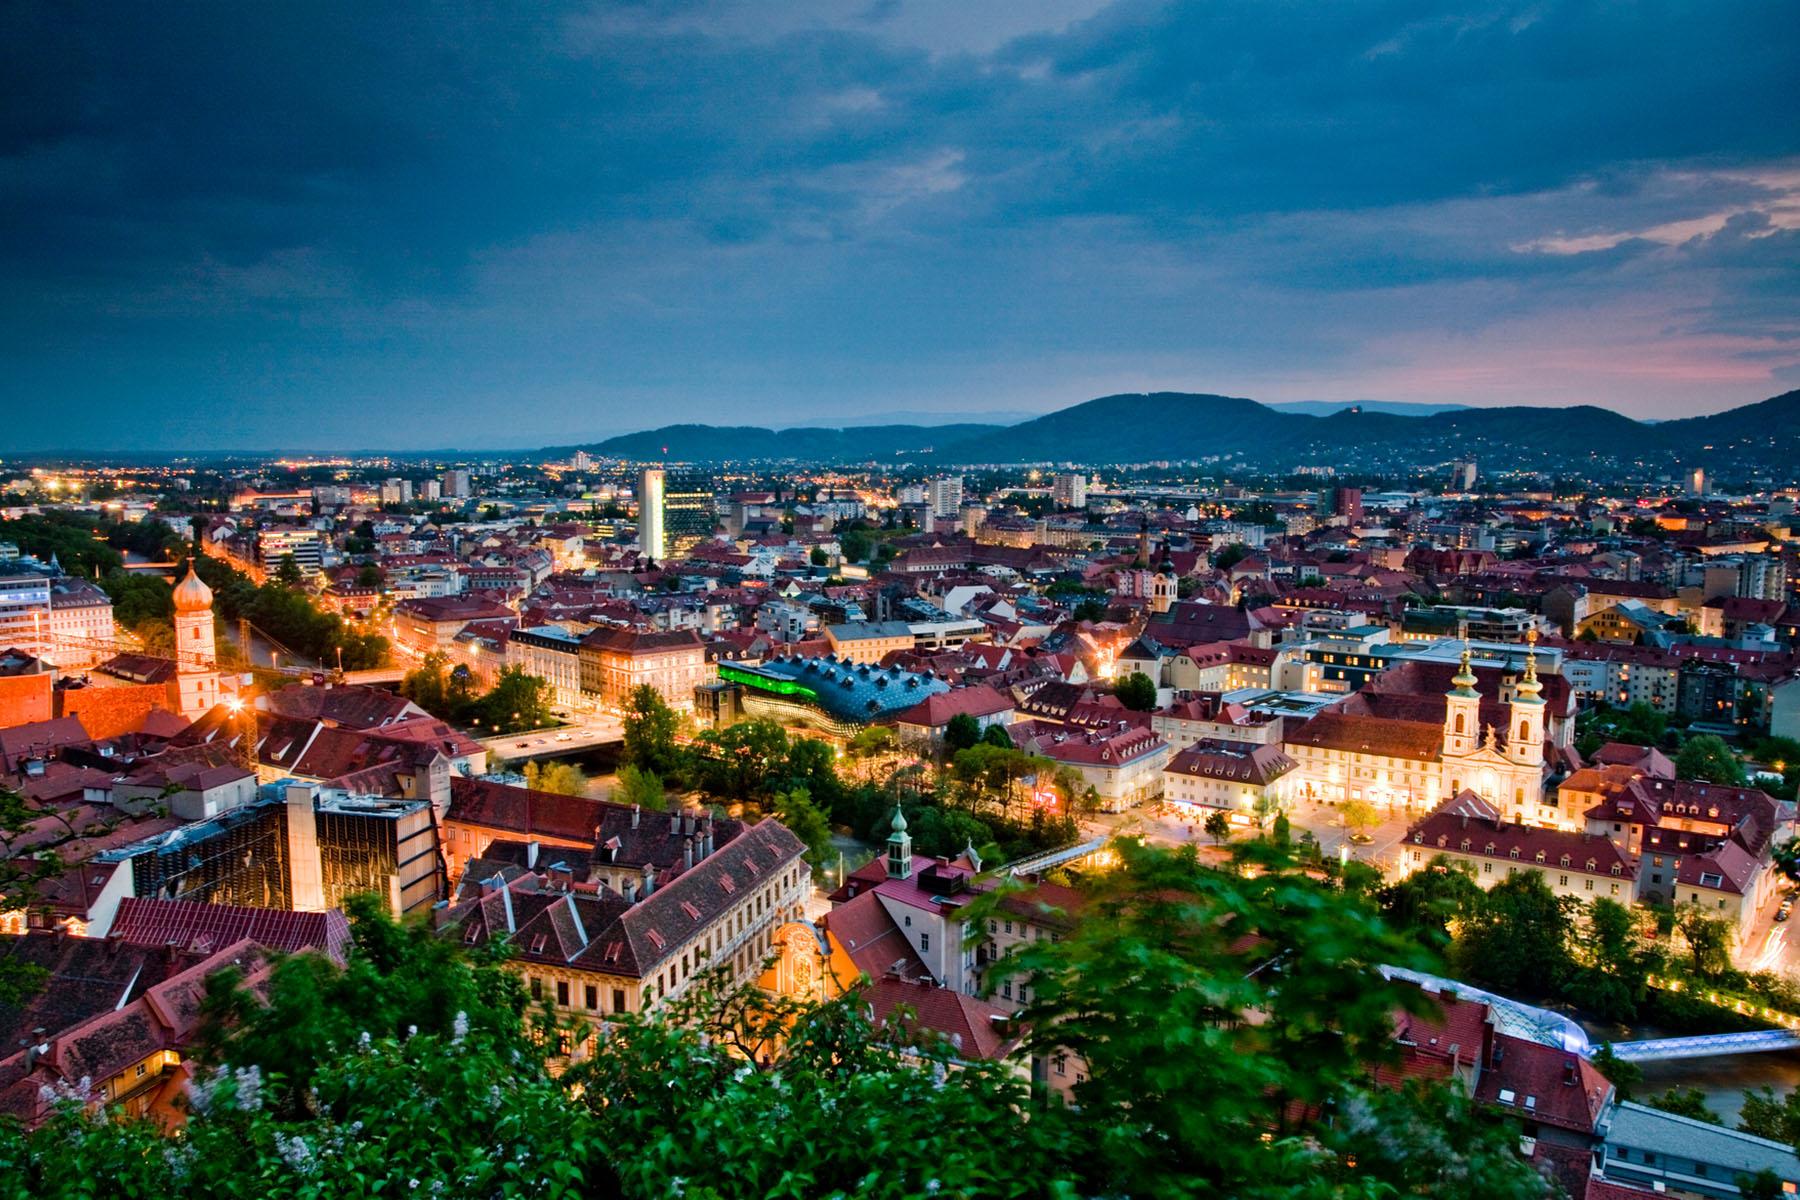 slider_relax_and_dine_0002_Dachlandschaft (c) Graz Tourismus - Werner Krug